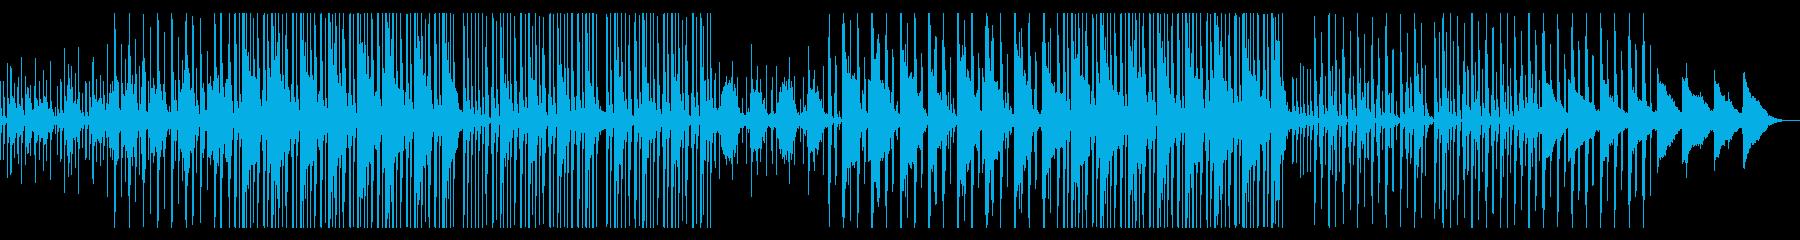 和風ダークヒップホップ5(三味線,尺八)の再生済みの波形